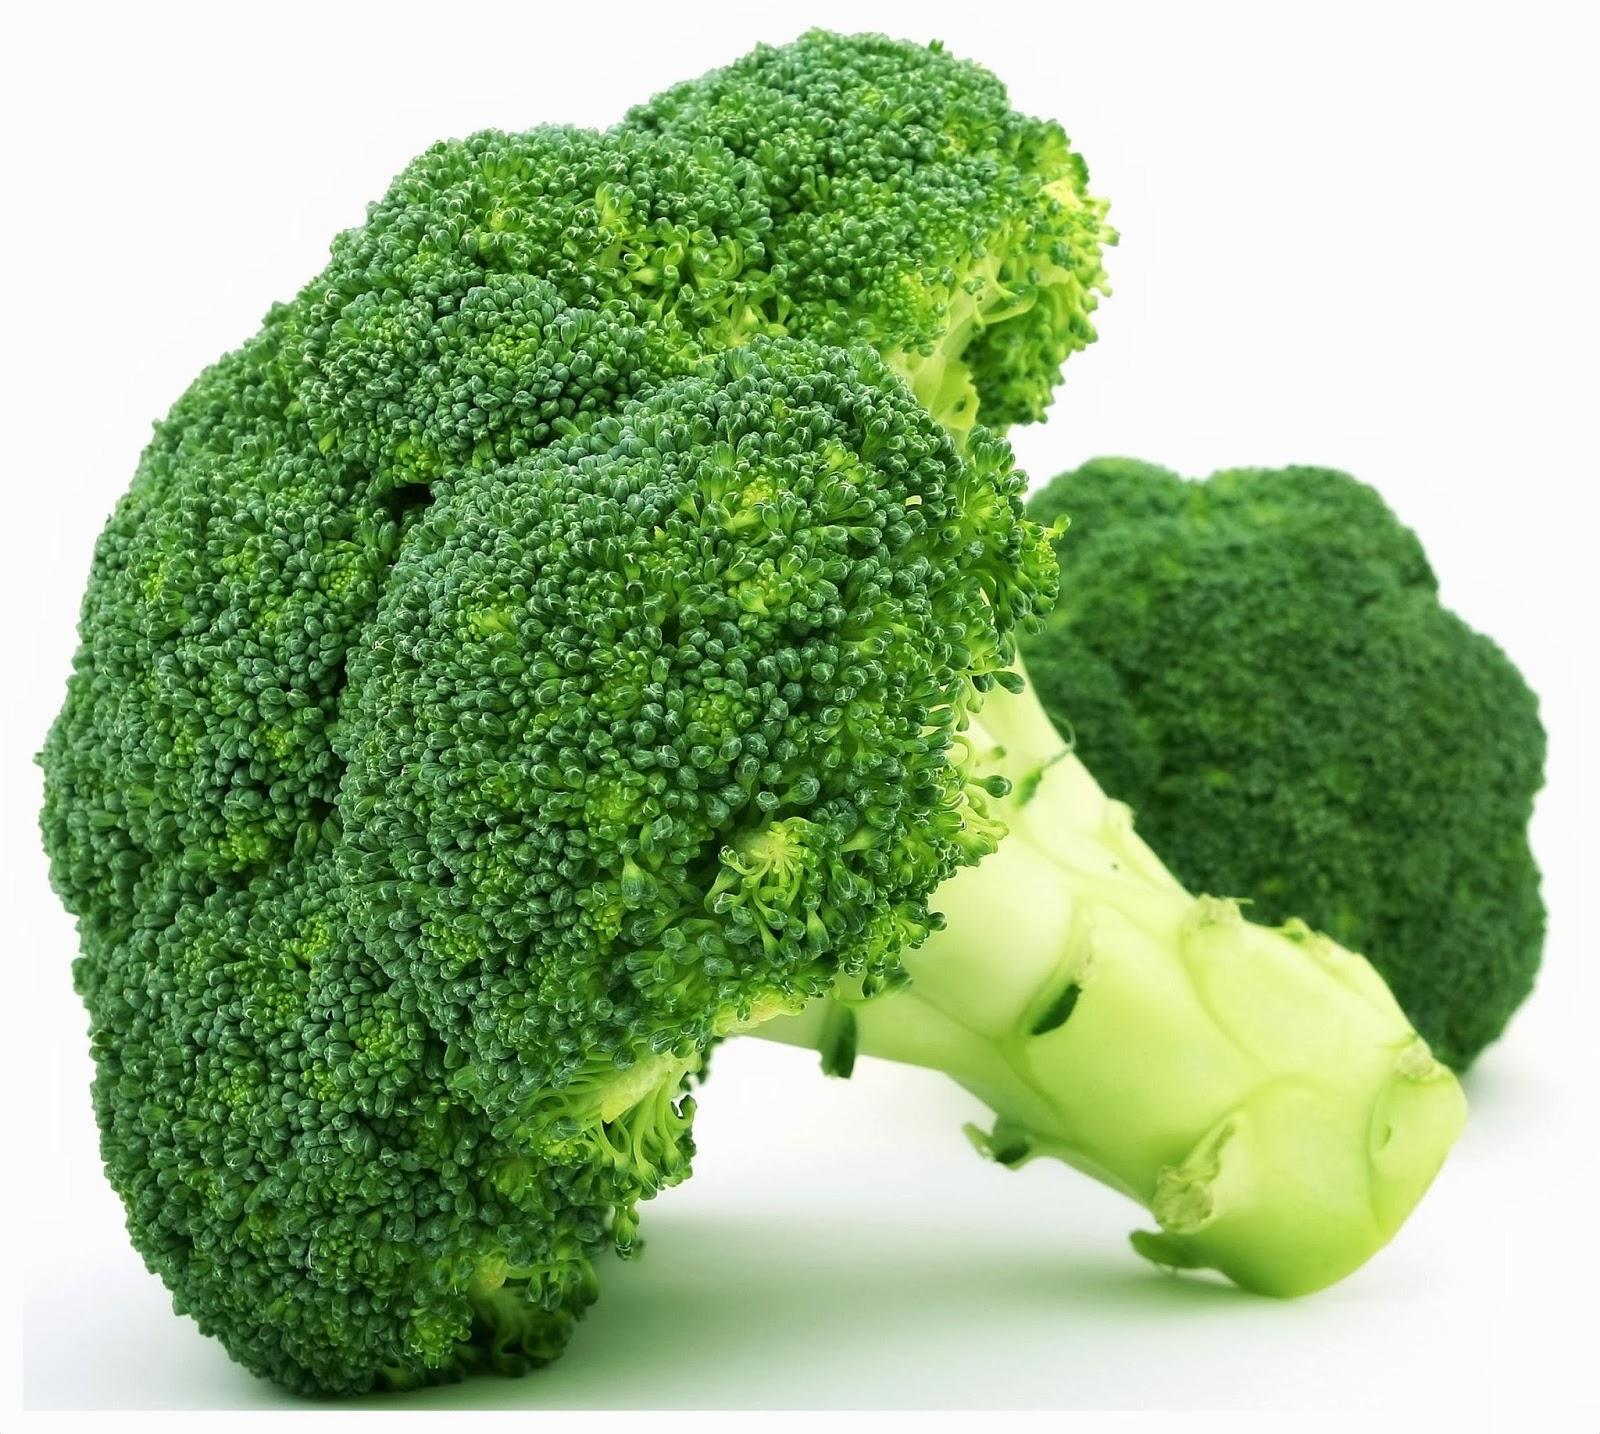 Brokoli Sangat Disarankan Untuk Penderita Asma